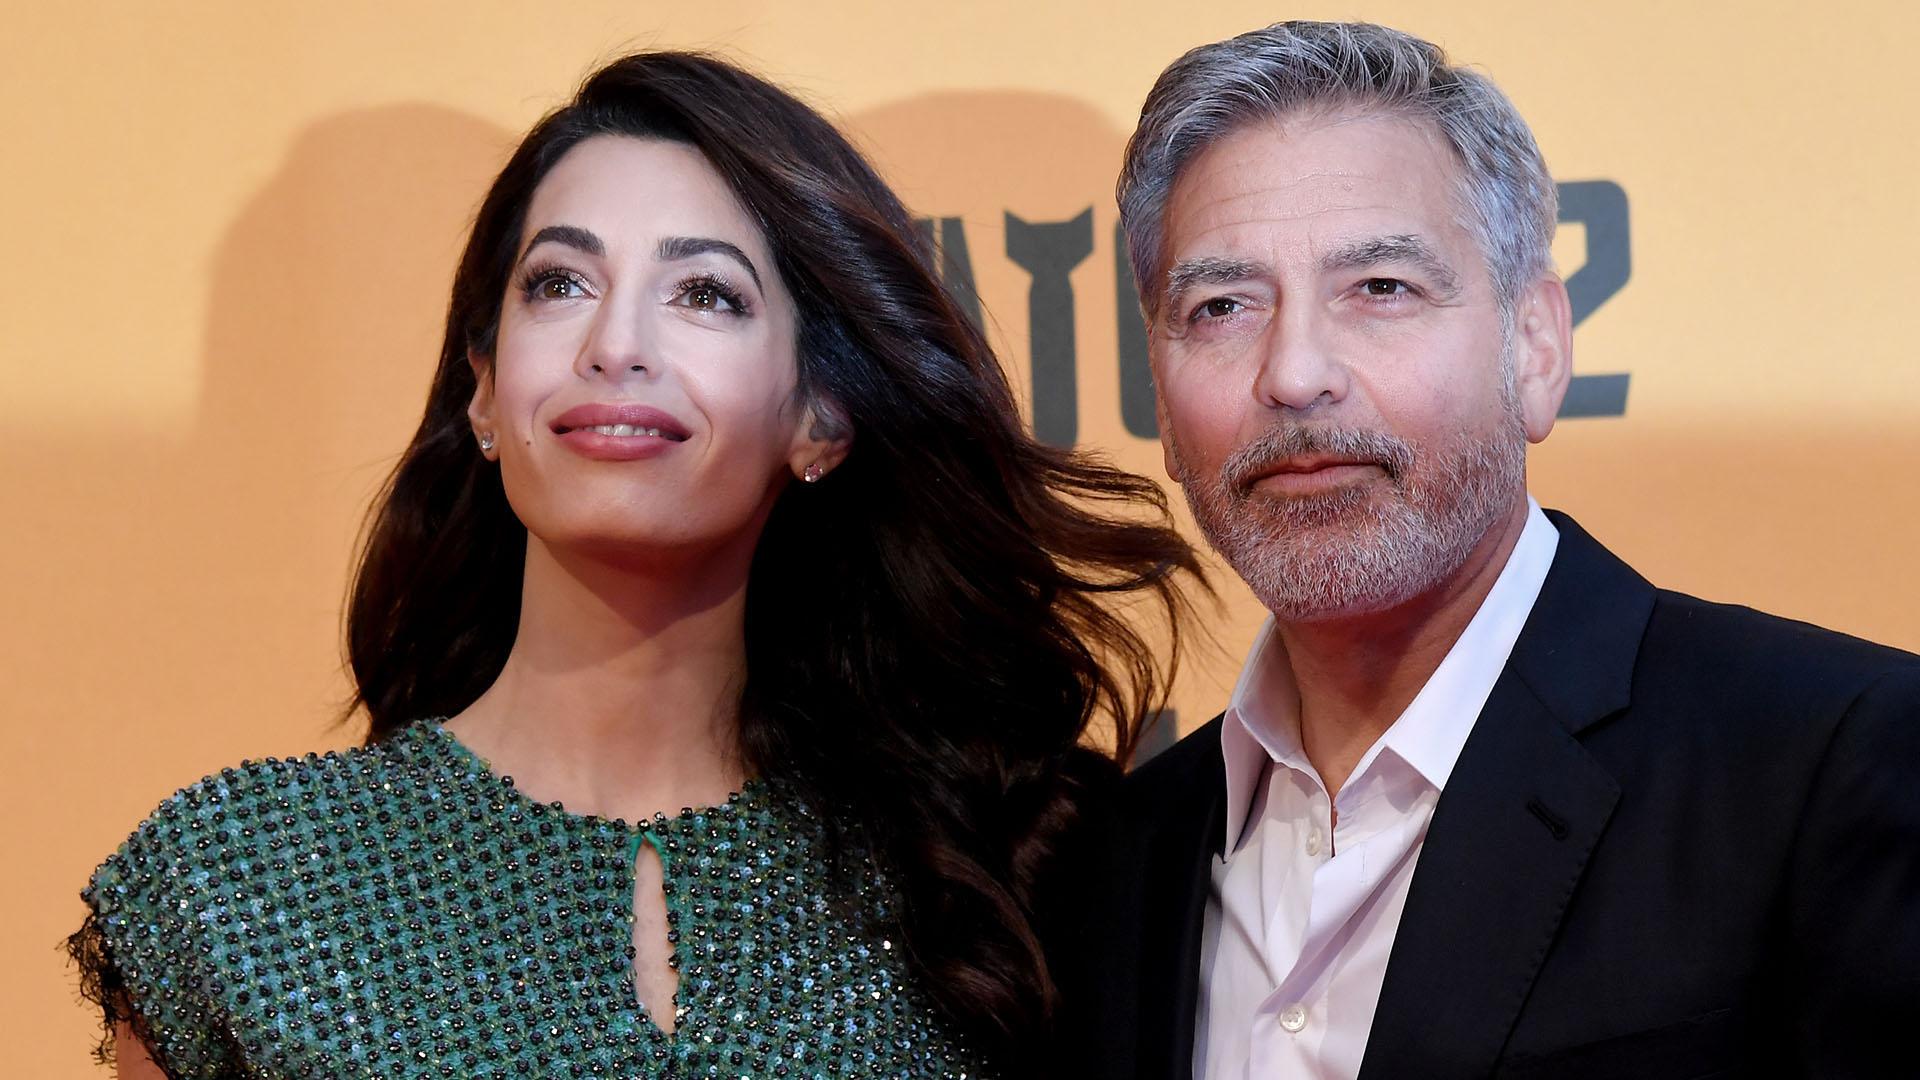 A los 58 años, George Clooney es un de los intérpretes mejores pagos de Hollywood y el favorito de la platea femenina